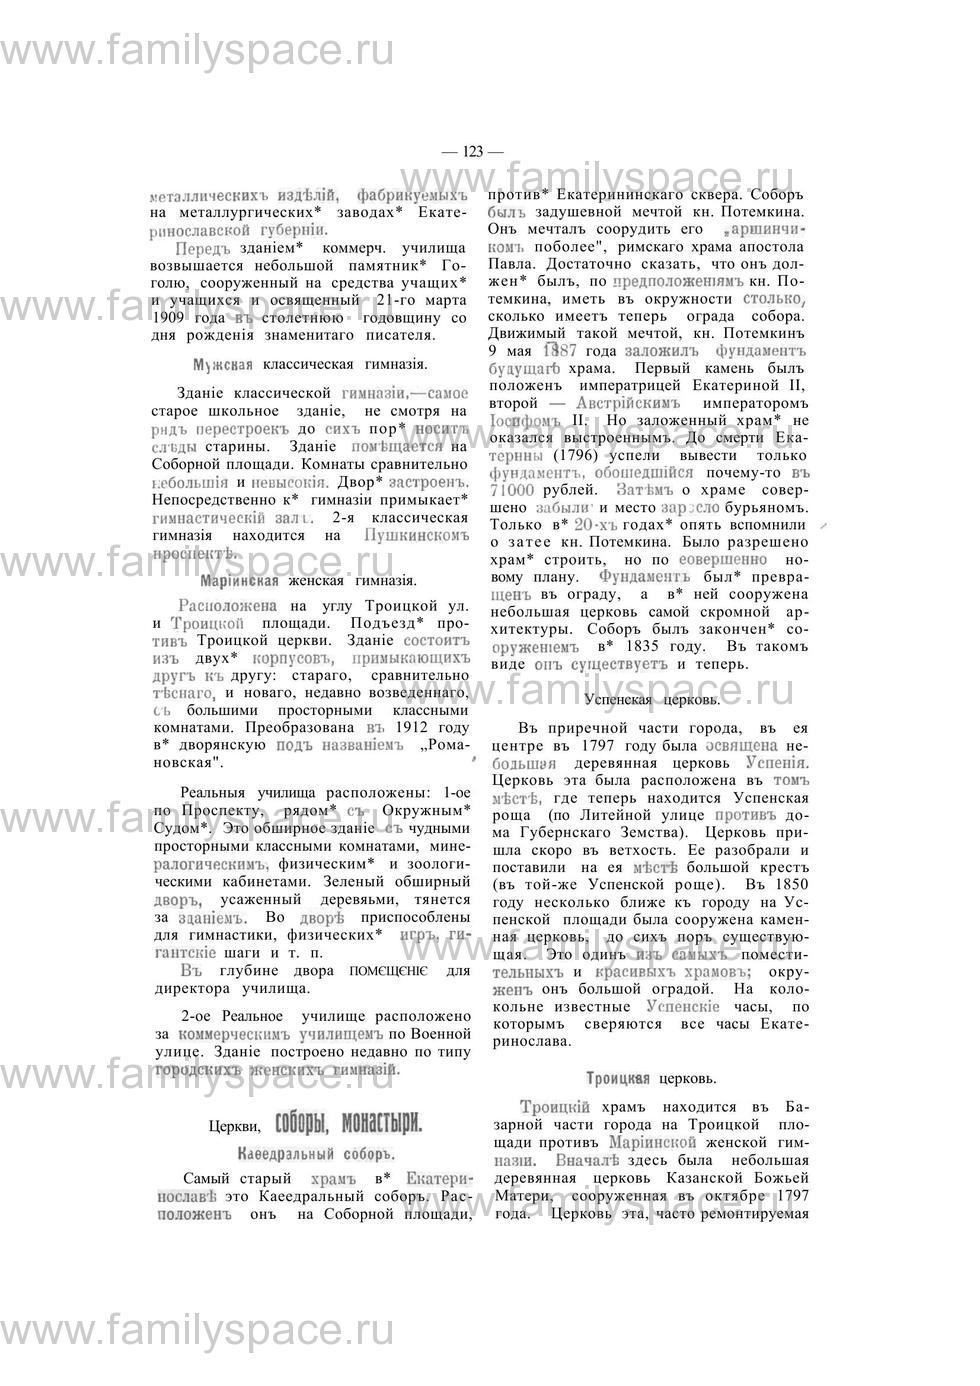 Поиск по фамилии - Екатеринославский адрес-календарь на 1913 год, страница 2123